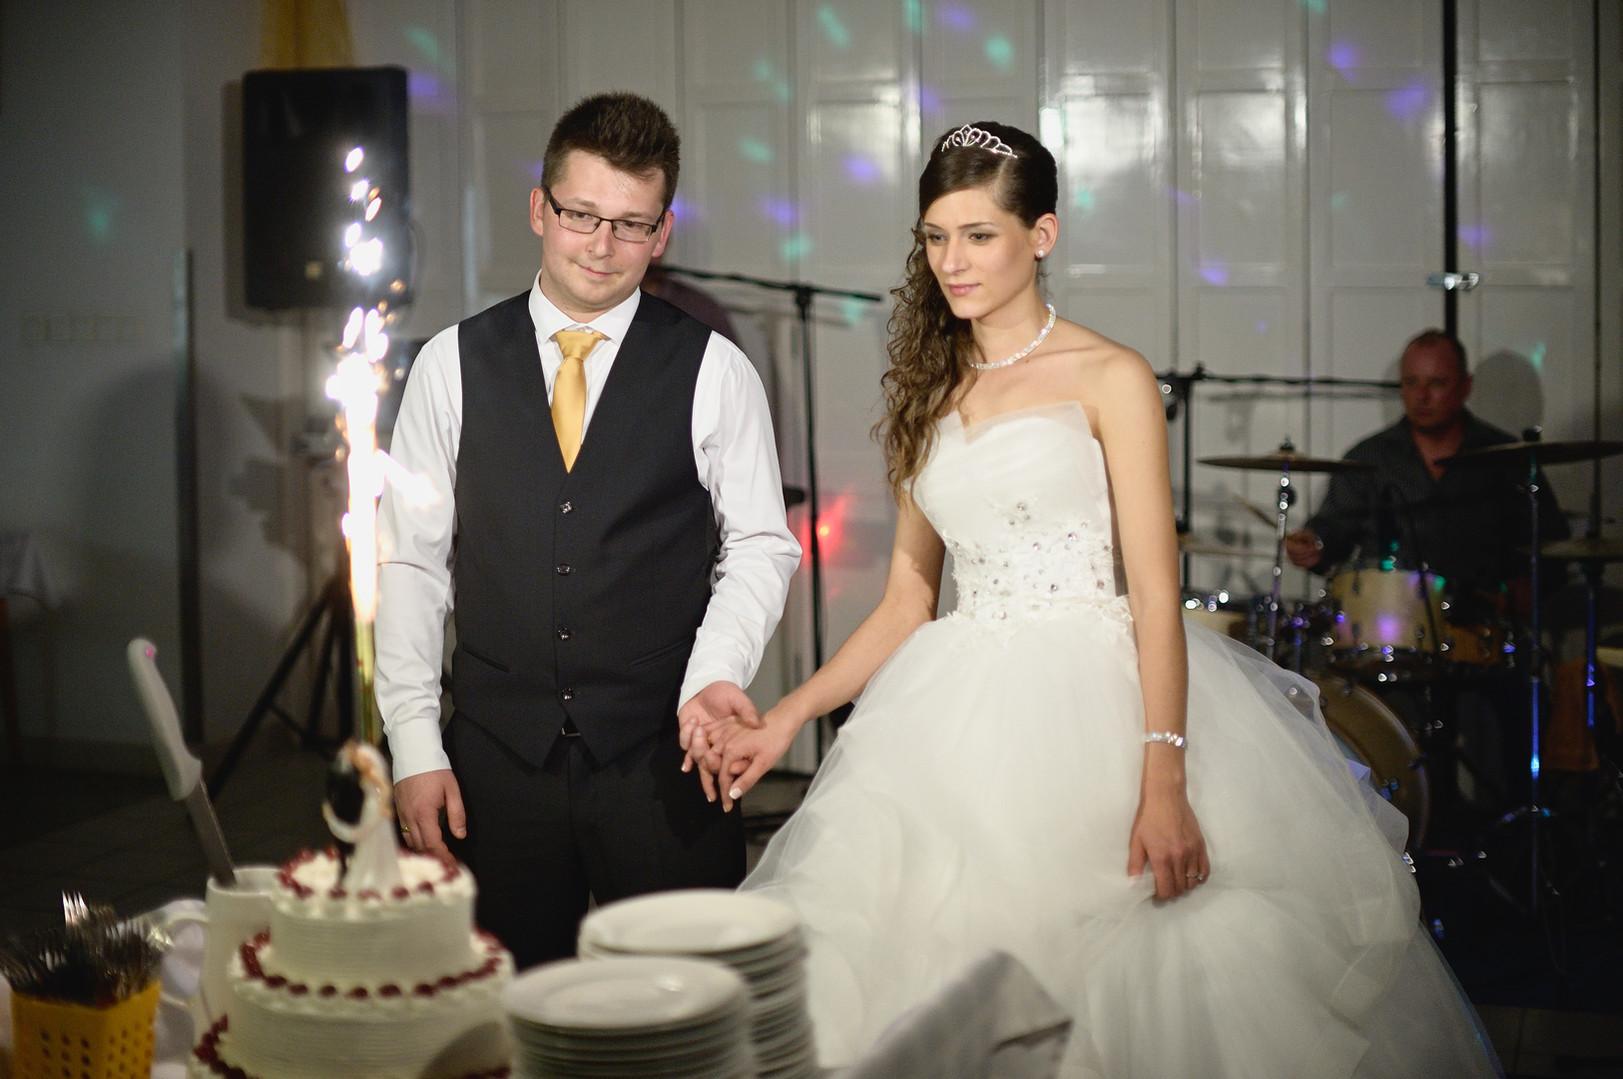 522 - Esküvő fotózás - Dia és Endi  - Bu